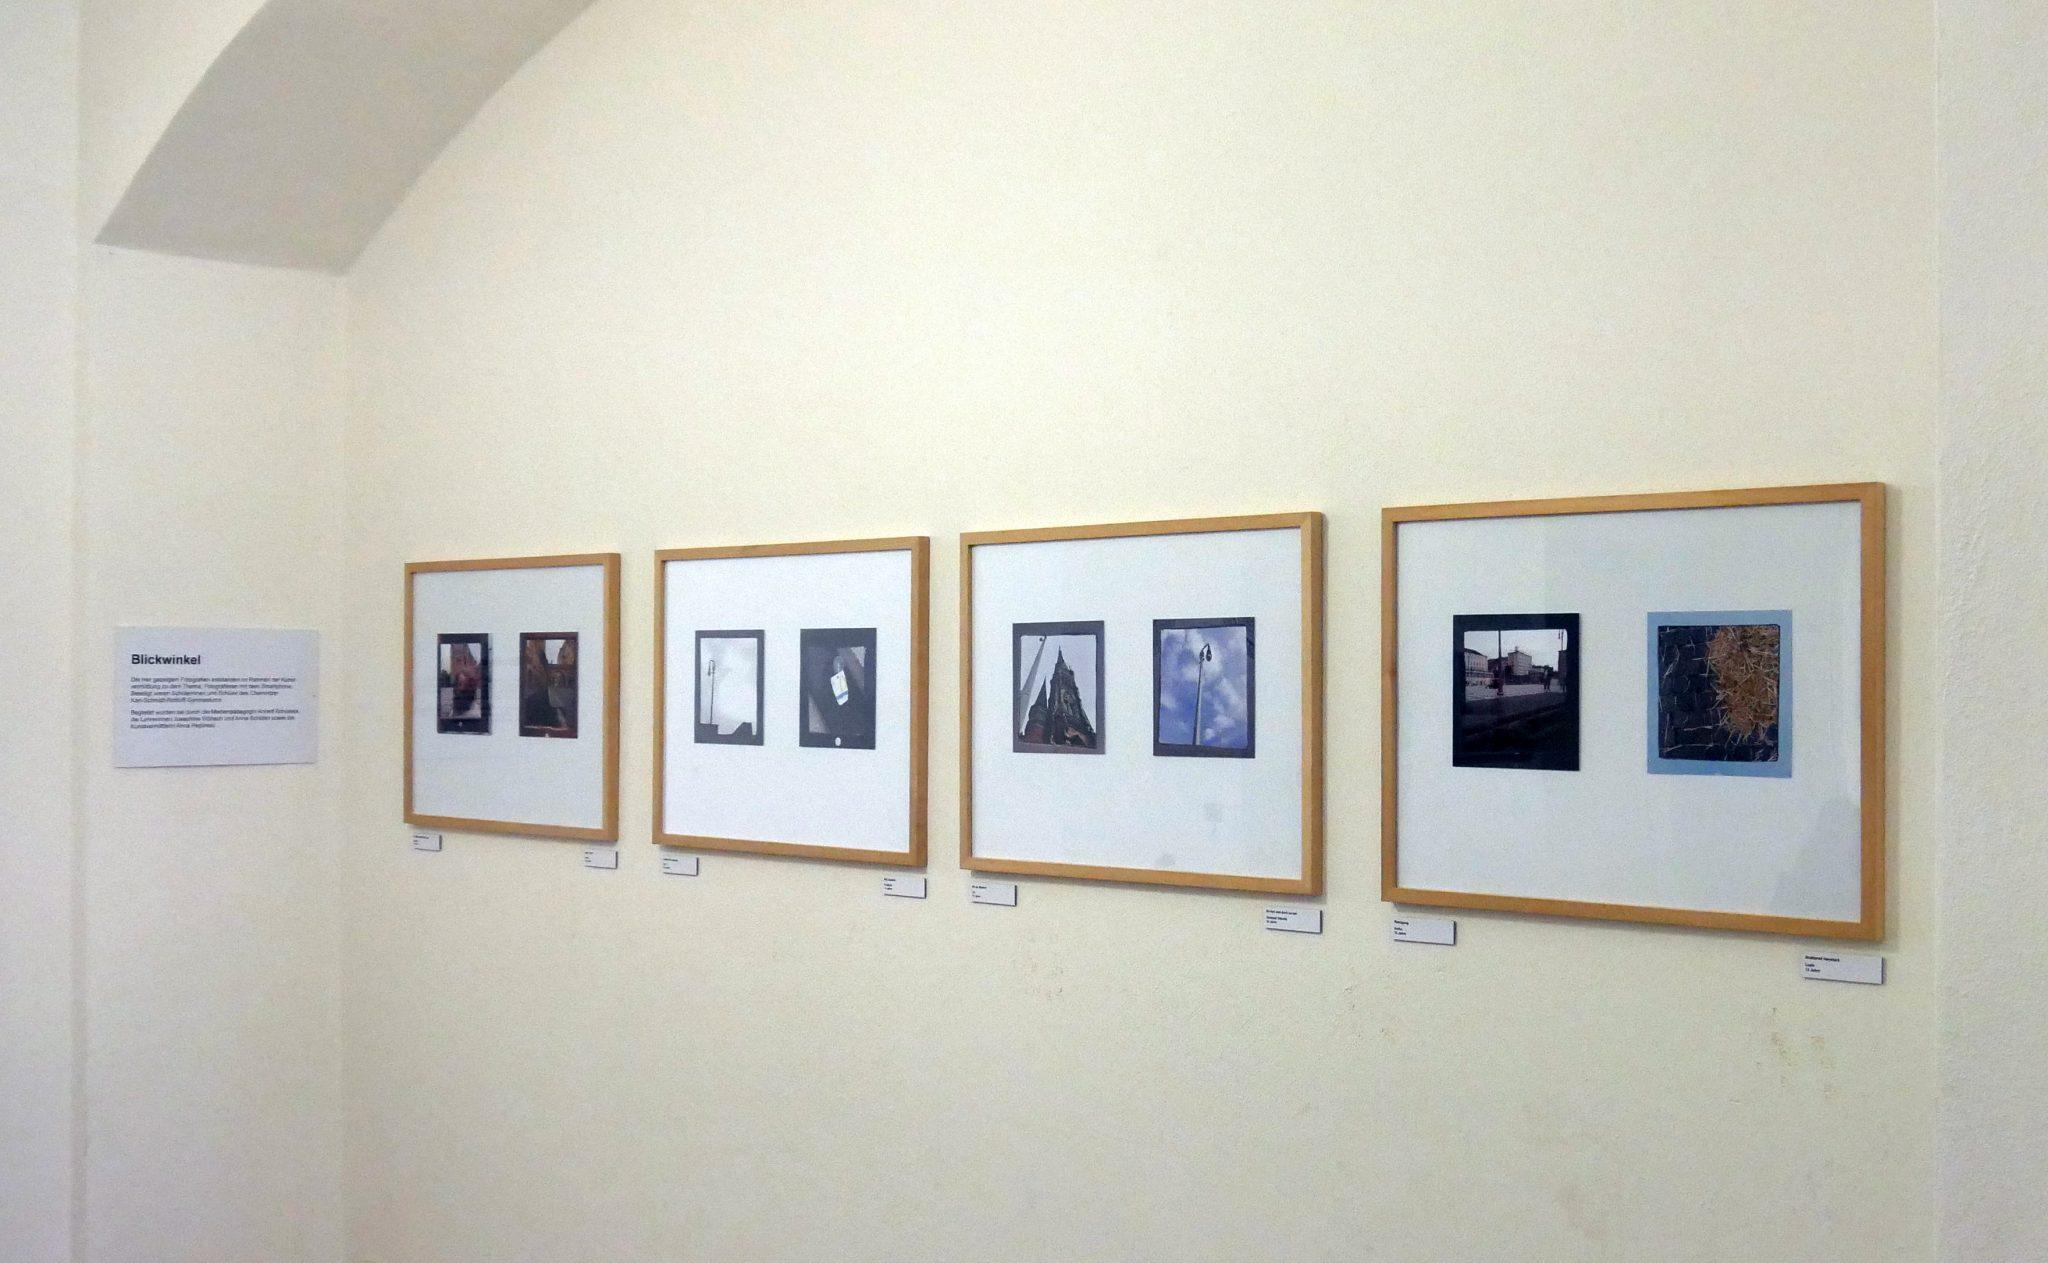 Kinder- und Jugendgalerie, Ausstellung »Blickwinkel«, Foto: Kunstsammlungen Chemnitz/Archiv